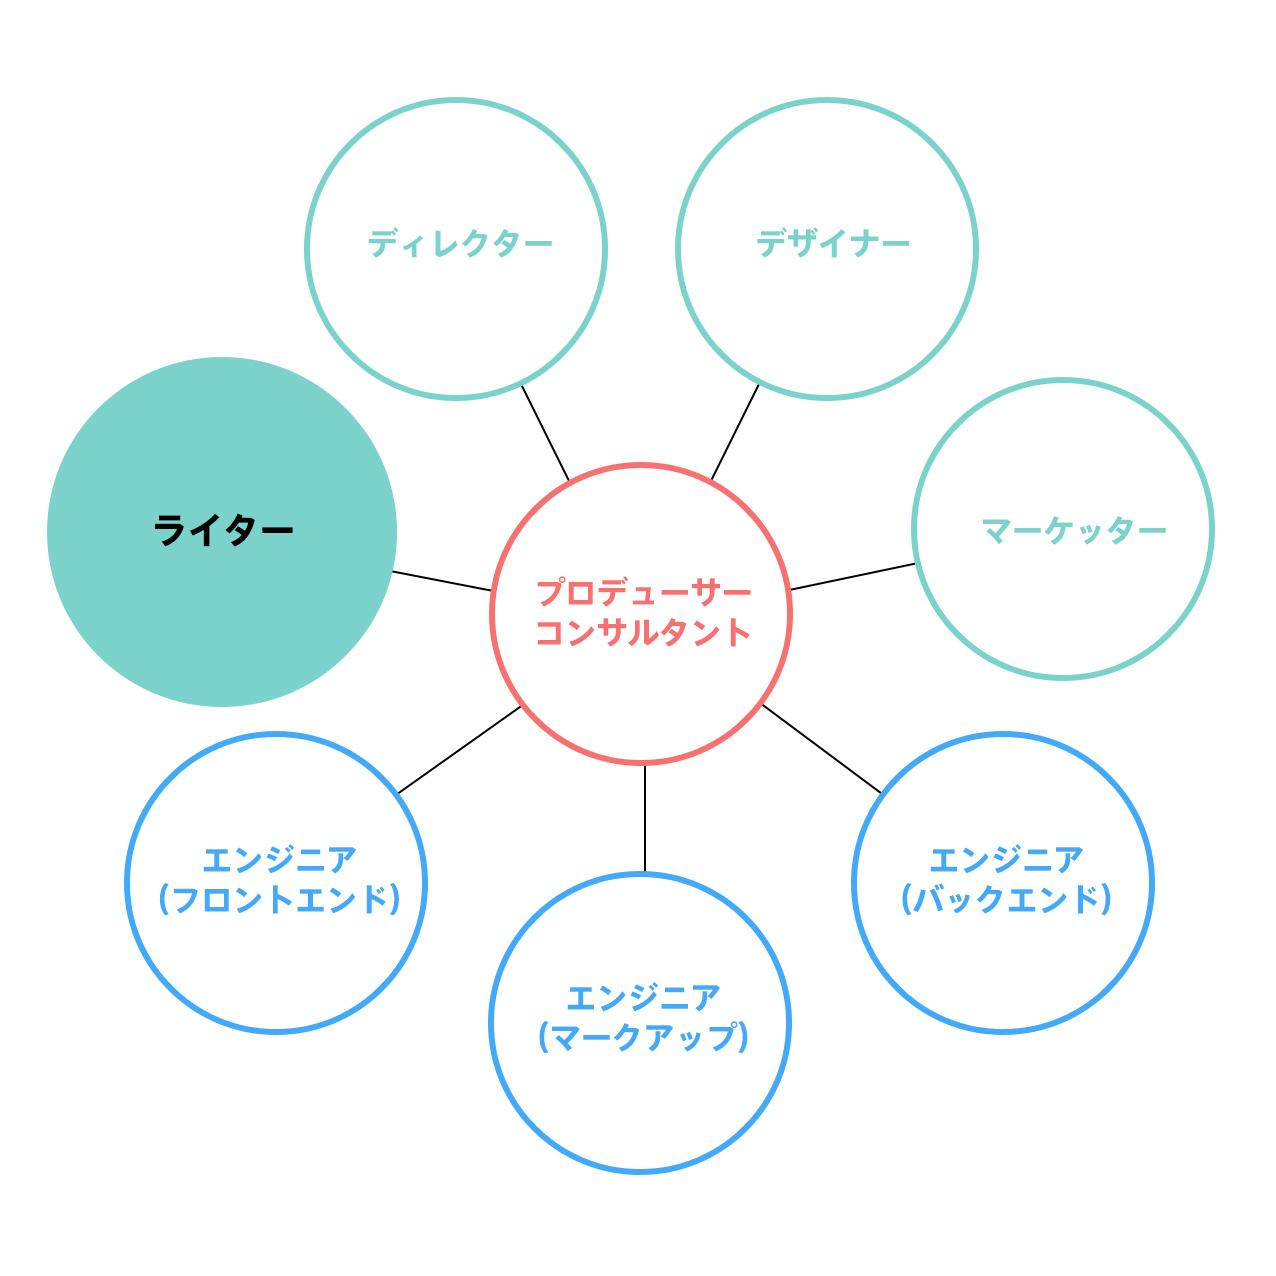 デザイナー組織図